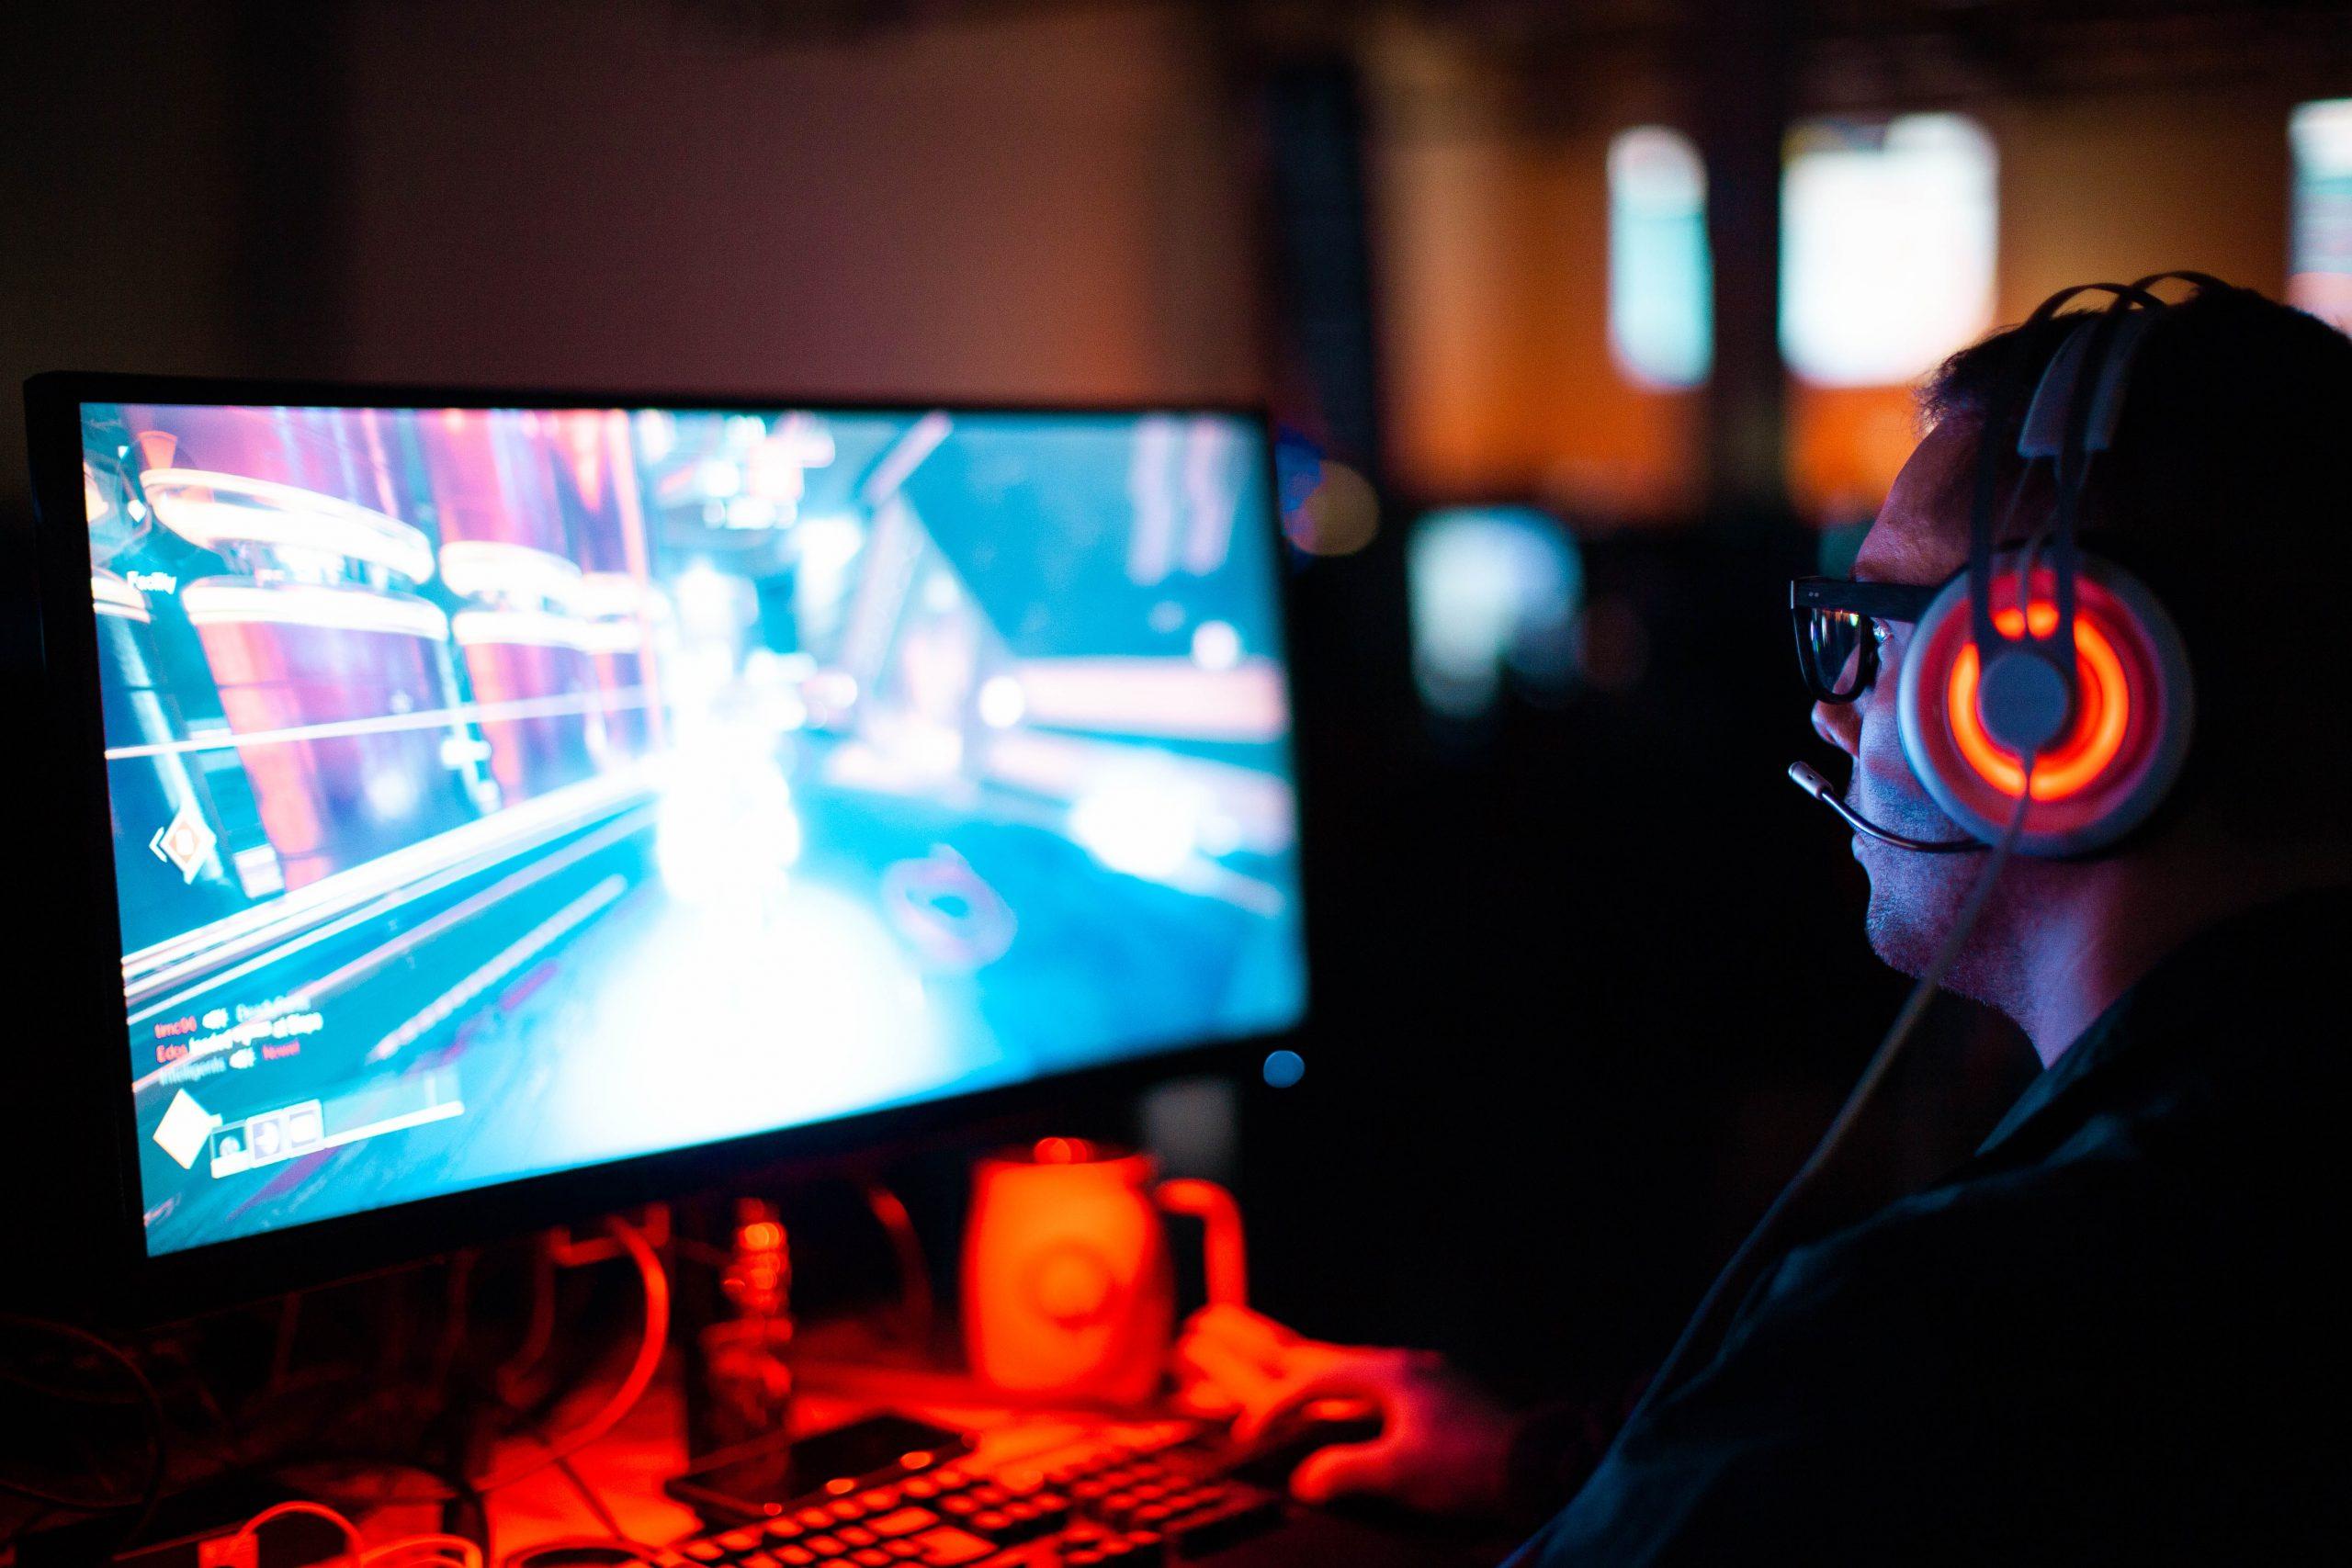 Homem de óculos com utilizando um headset olhando para a tela do computador jogando jogo FPS